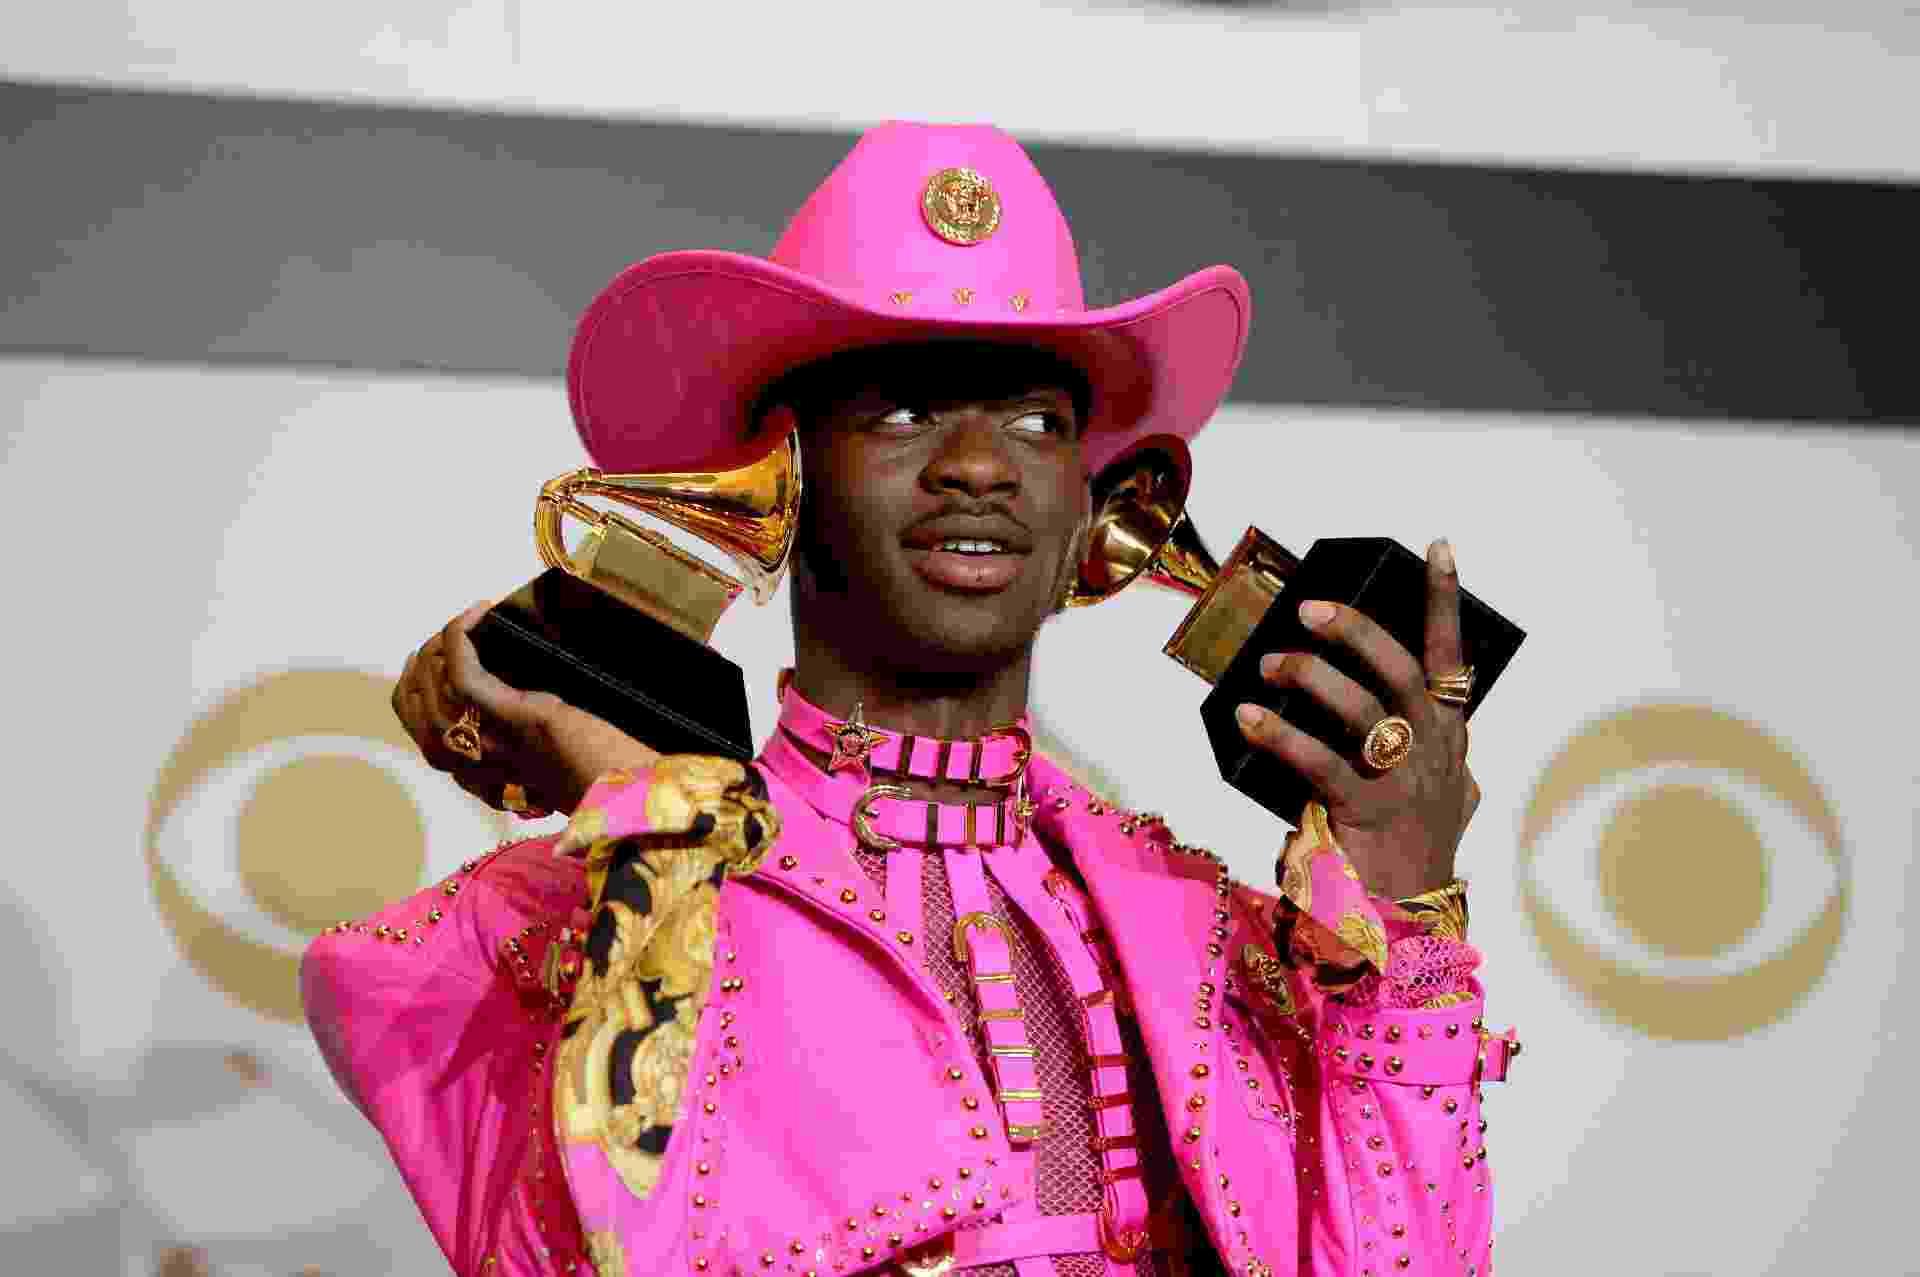 Lil Nas X exibe seus dois primeiros Grammys da carreira, conquistados no Grammy 2020 por Old Town Road - Amanda Edwards/Getty Images